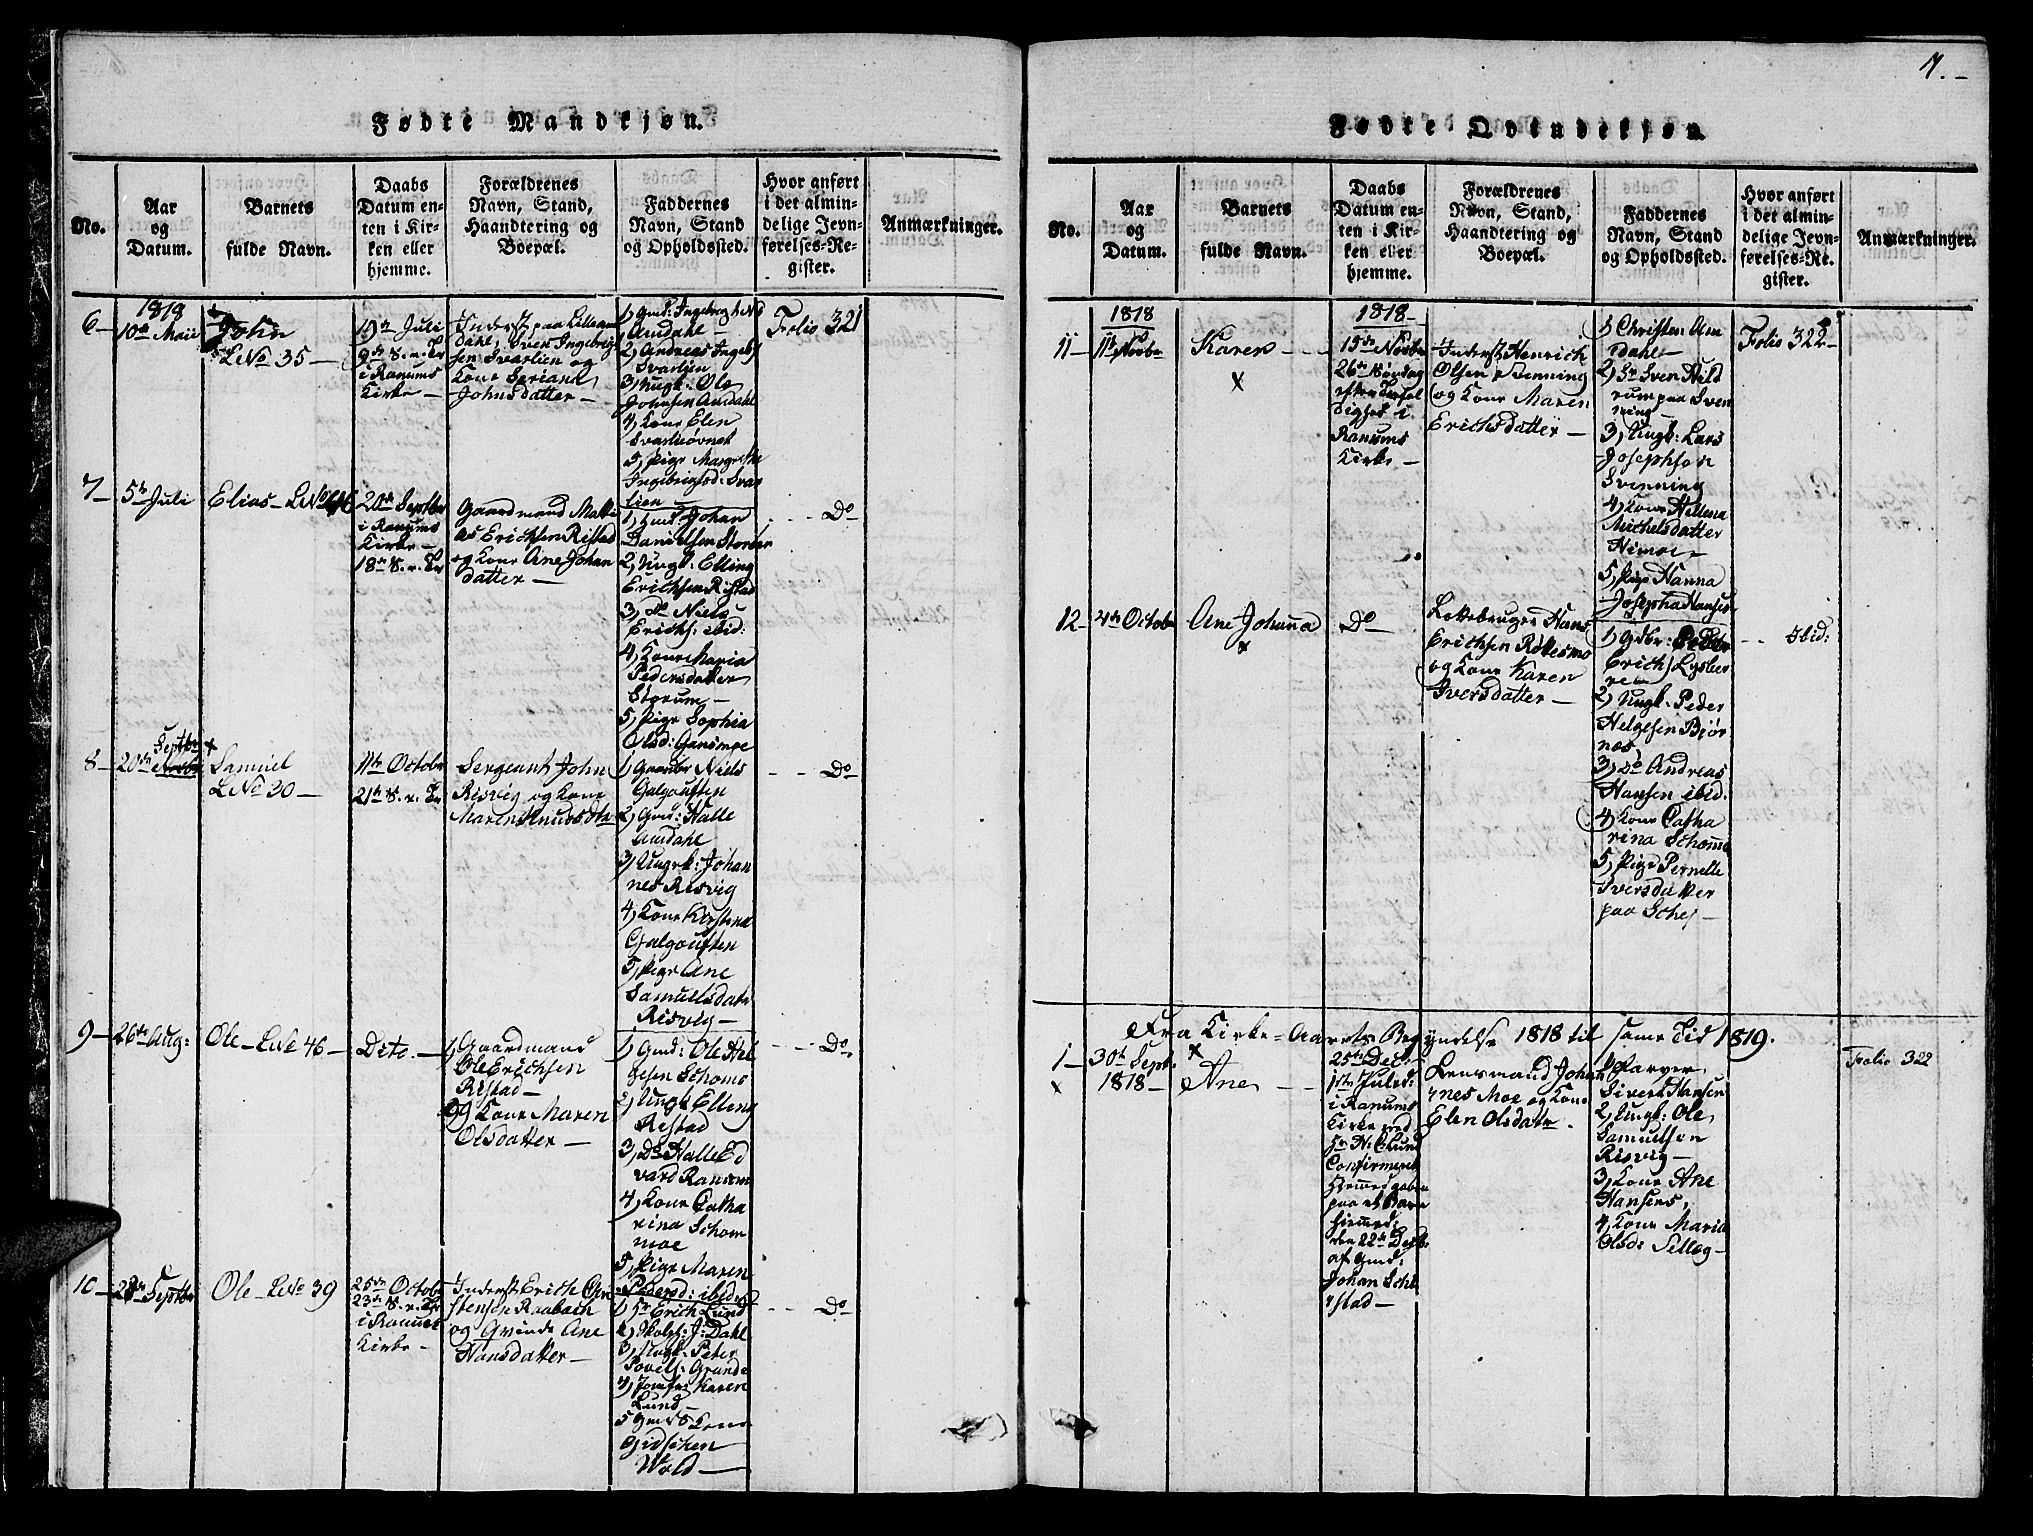 SAT, Ministerialprotokoller, klokkerbøker og fødselsregistre - Nord-Trøndelag, 764/L0546: Ministerialbok nr. 764A06 /1, 1816-1823, s. 7